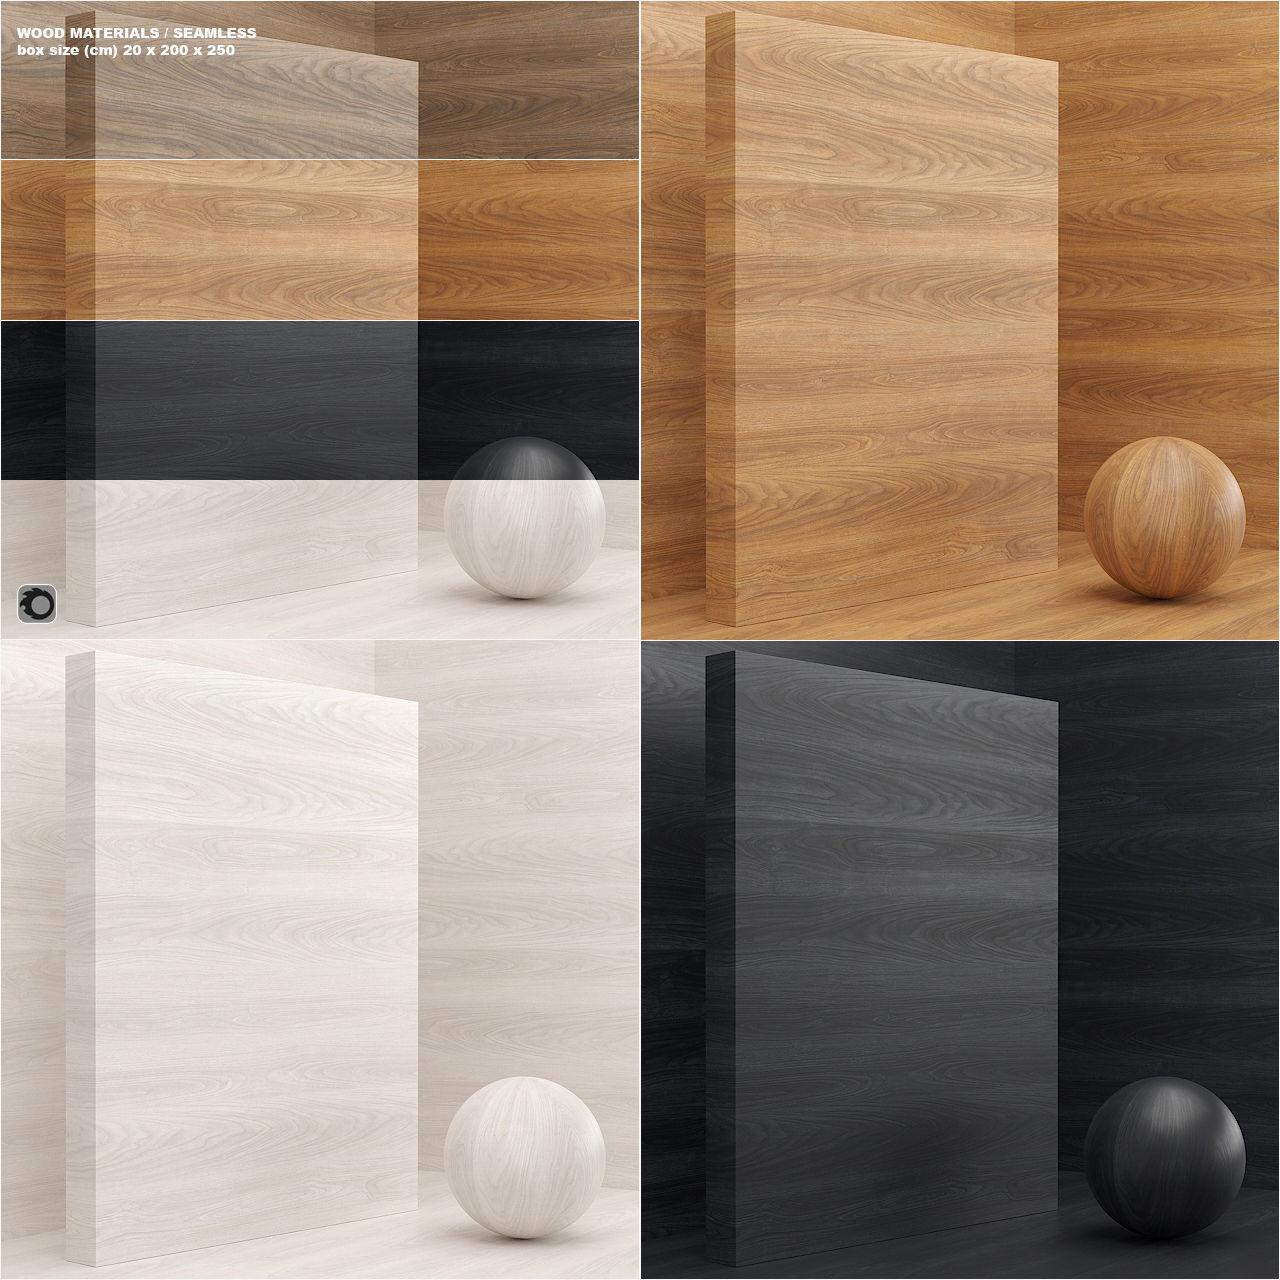 Material wood veneer slab seamless